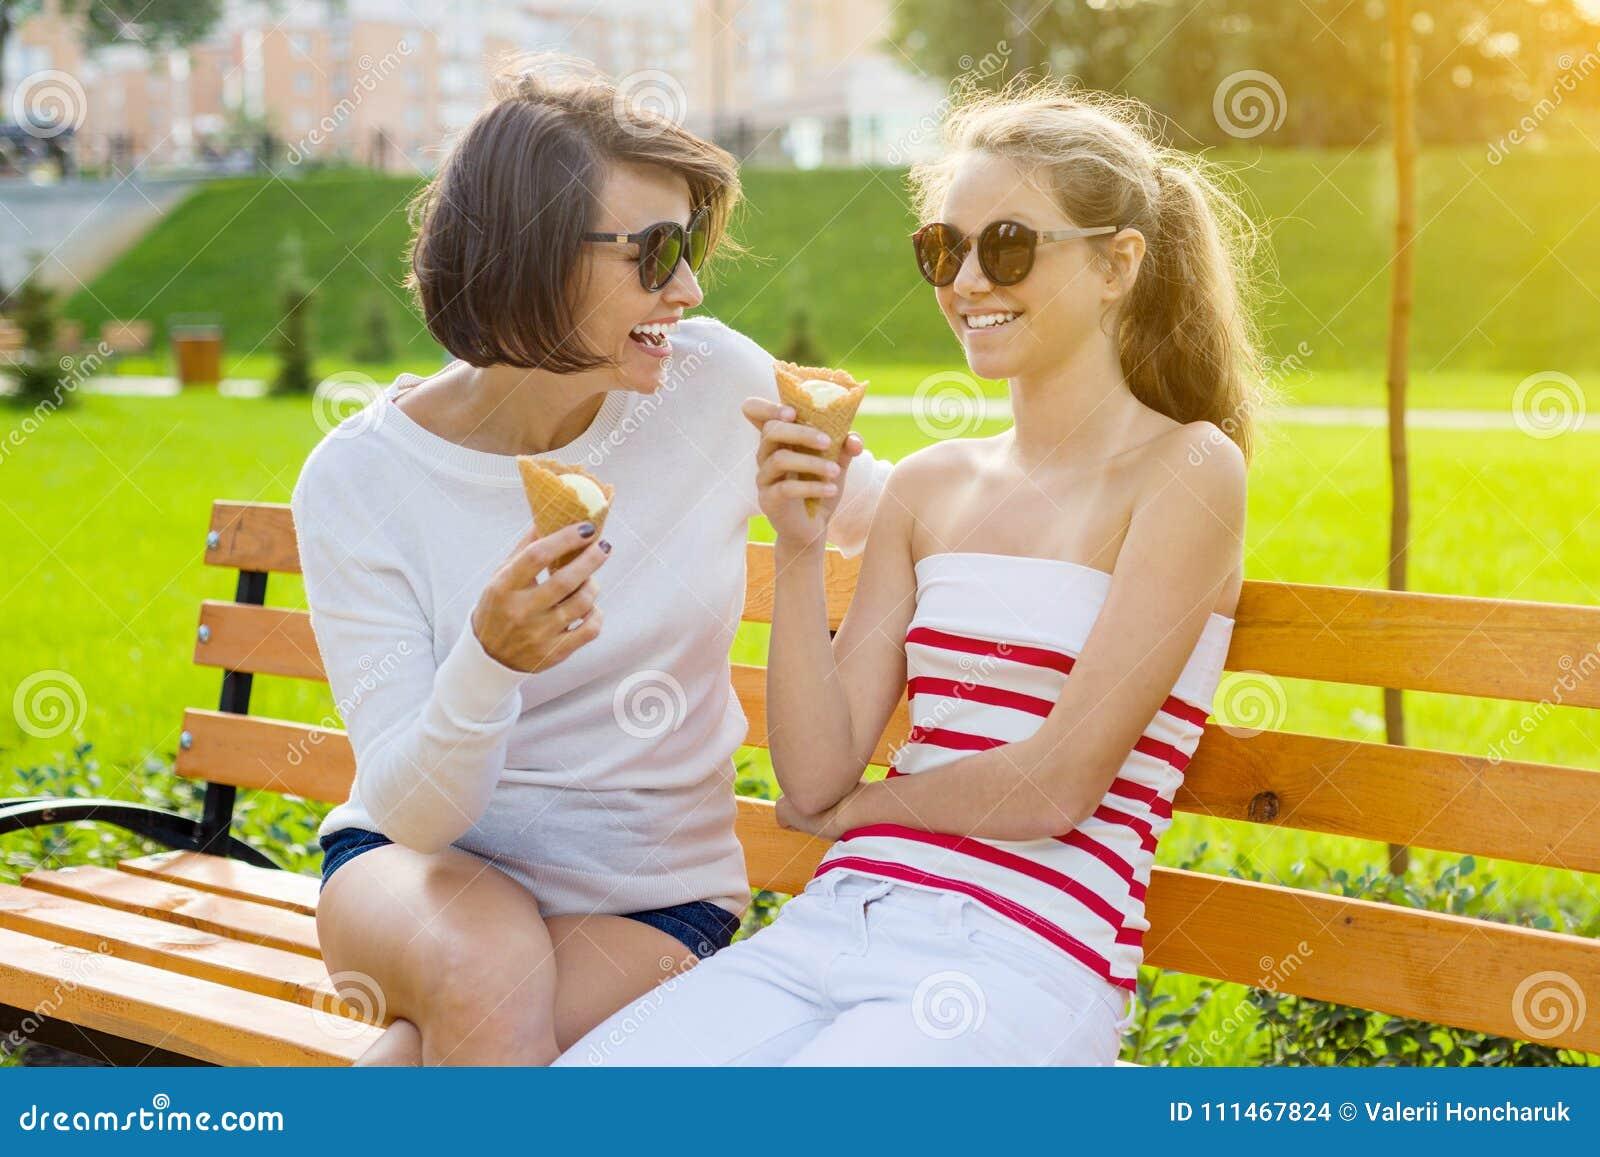 Праздник с семьей Счастливая молодая мать и милый подросток дочери в городе паркуют еду мороженого, говорить и смеяться над